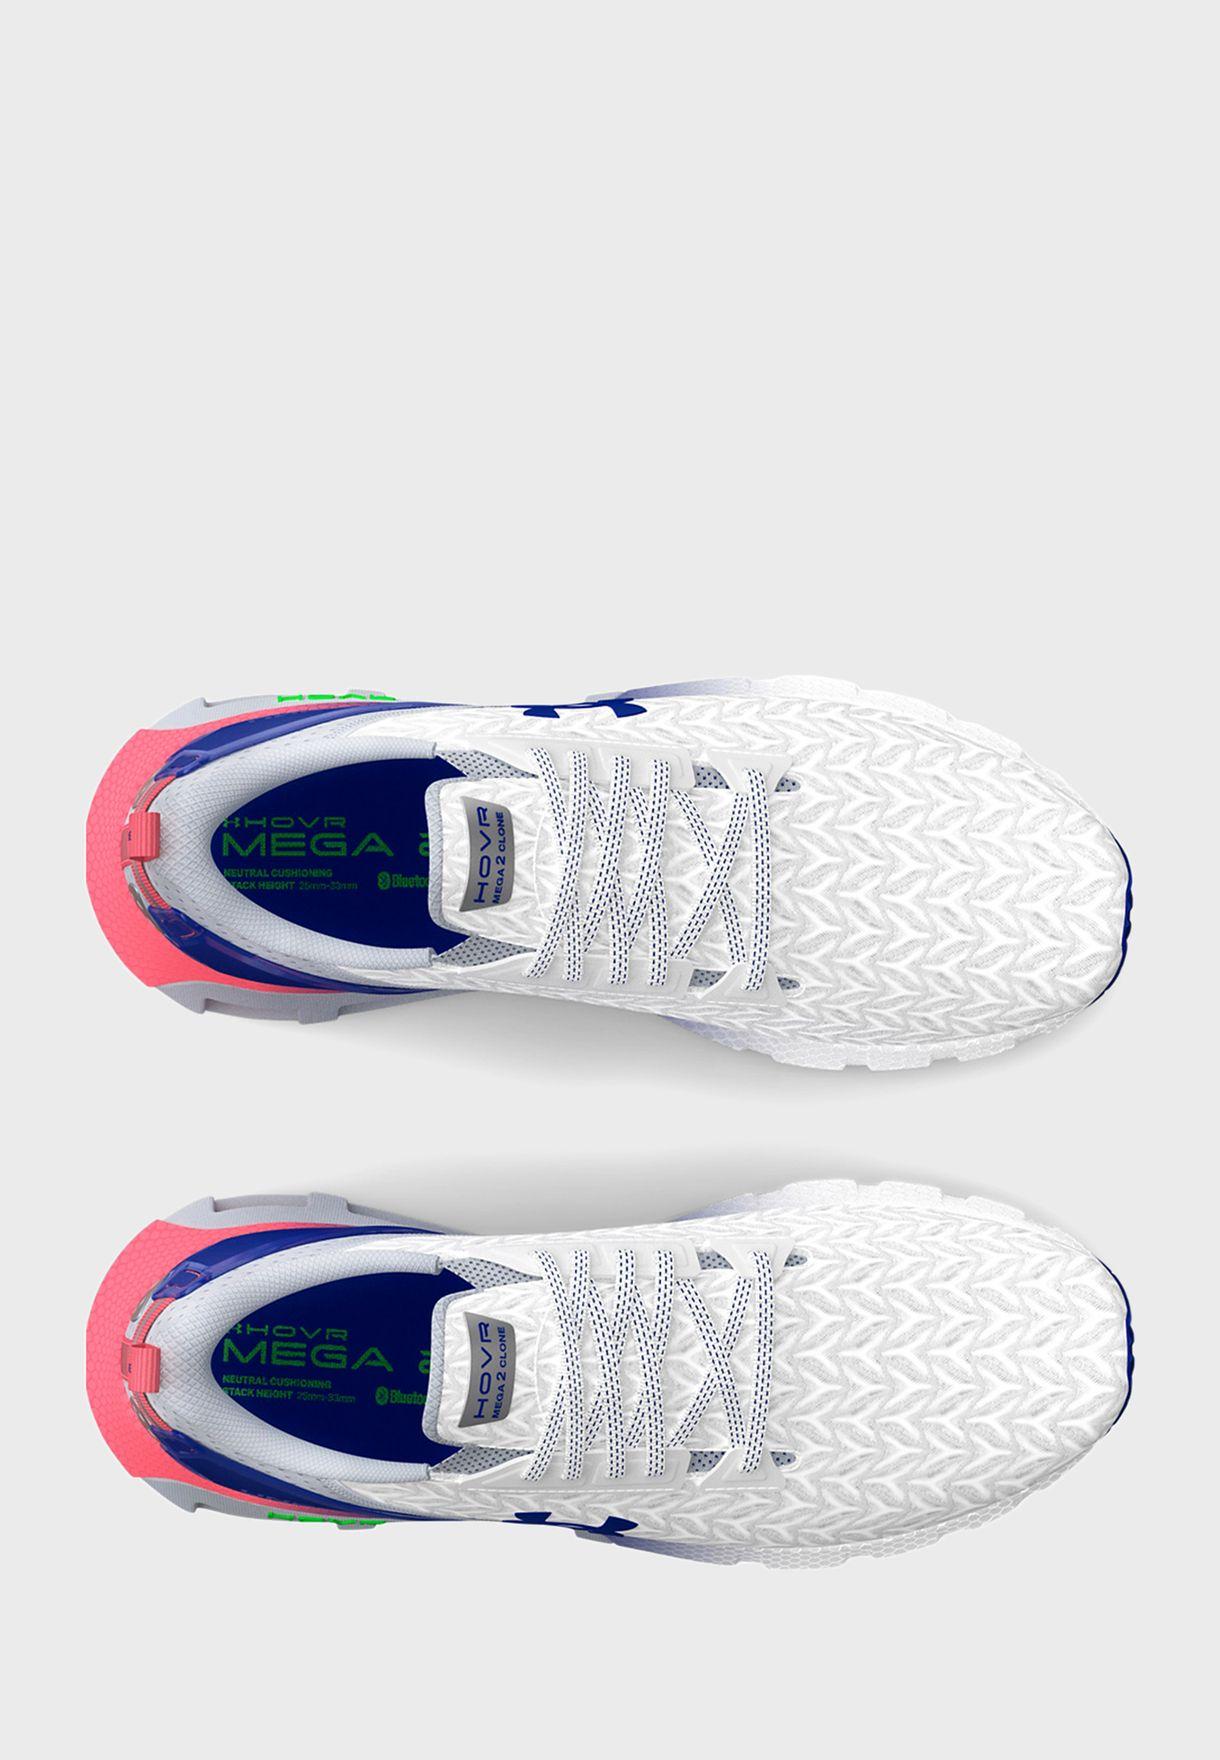 حذاء هوفر ميجا 2 كلون